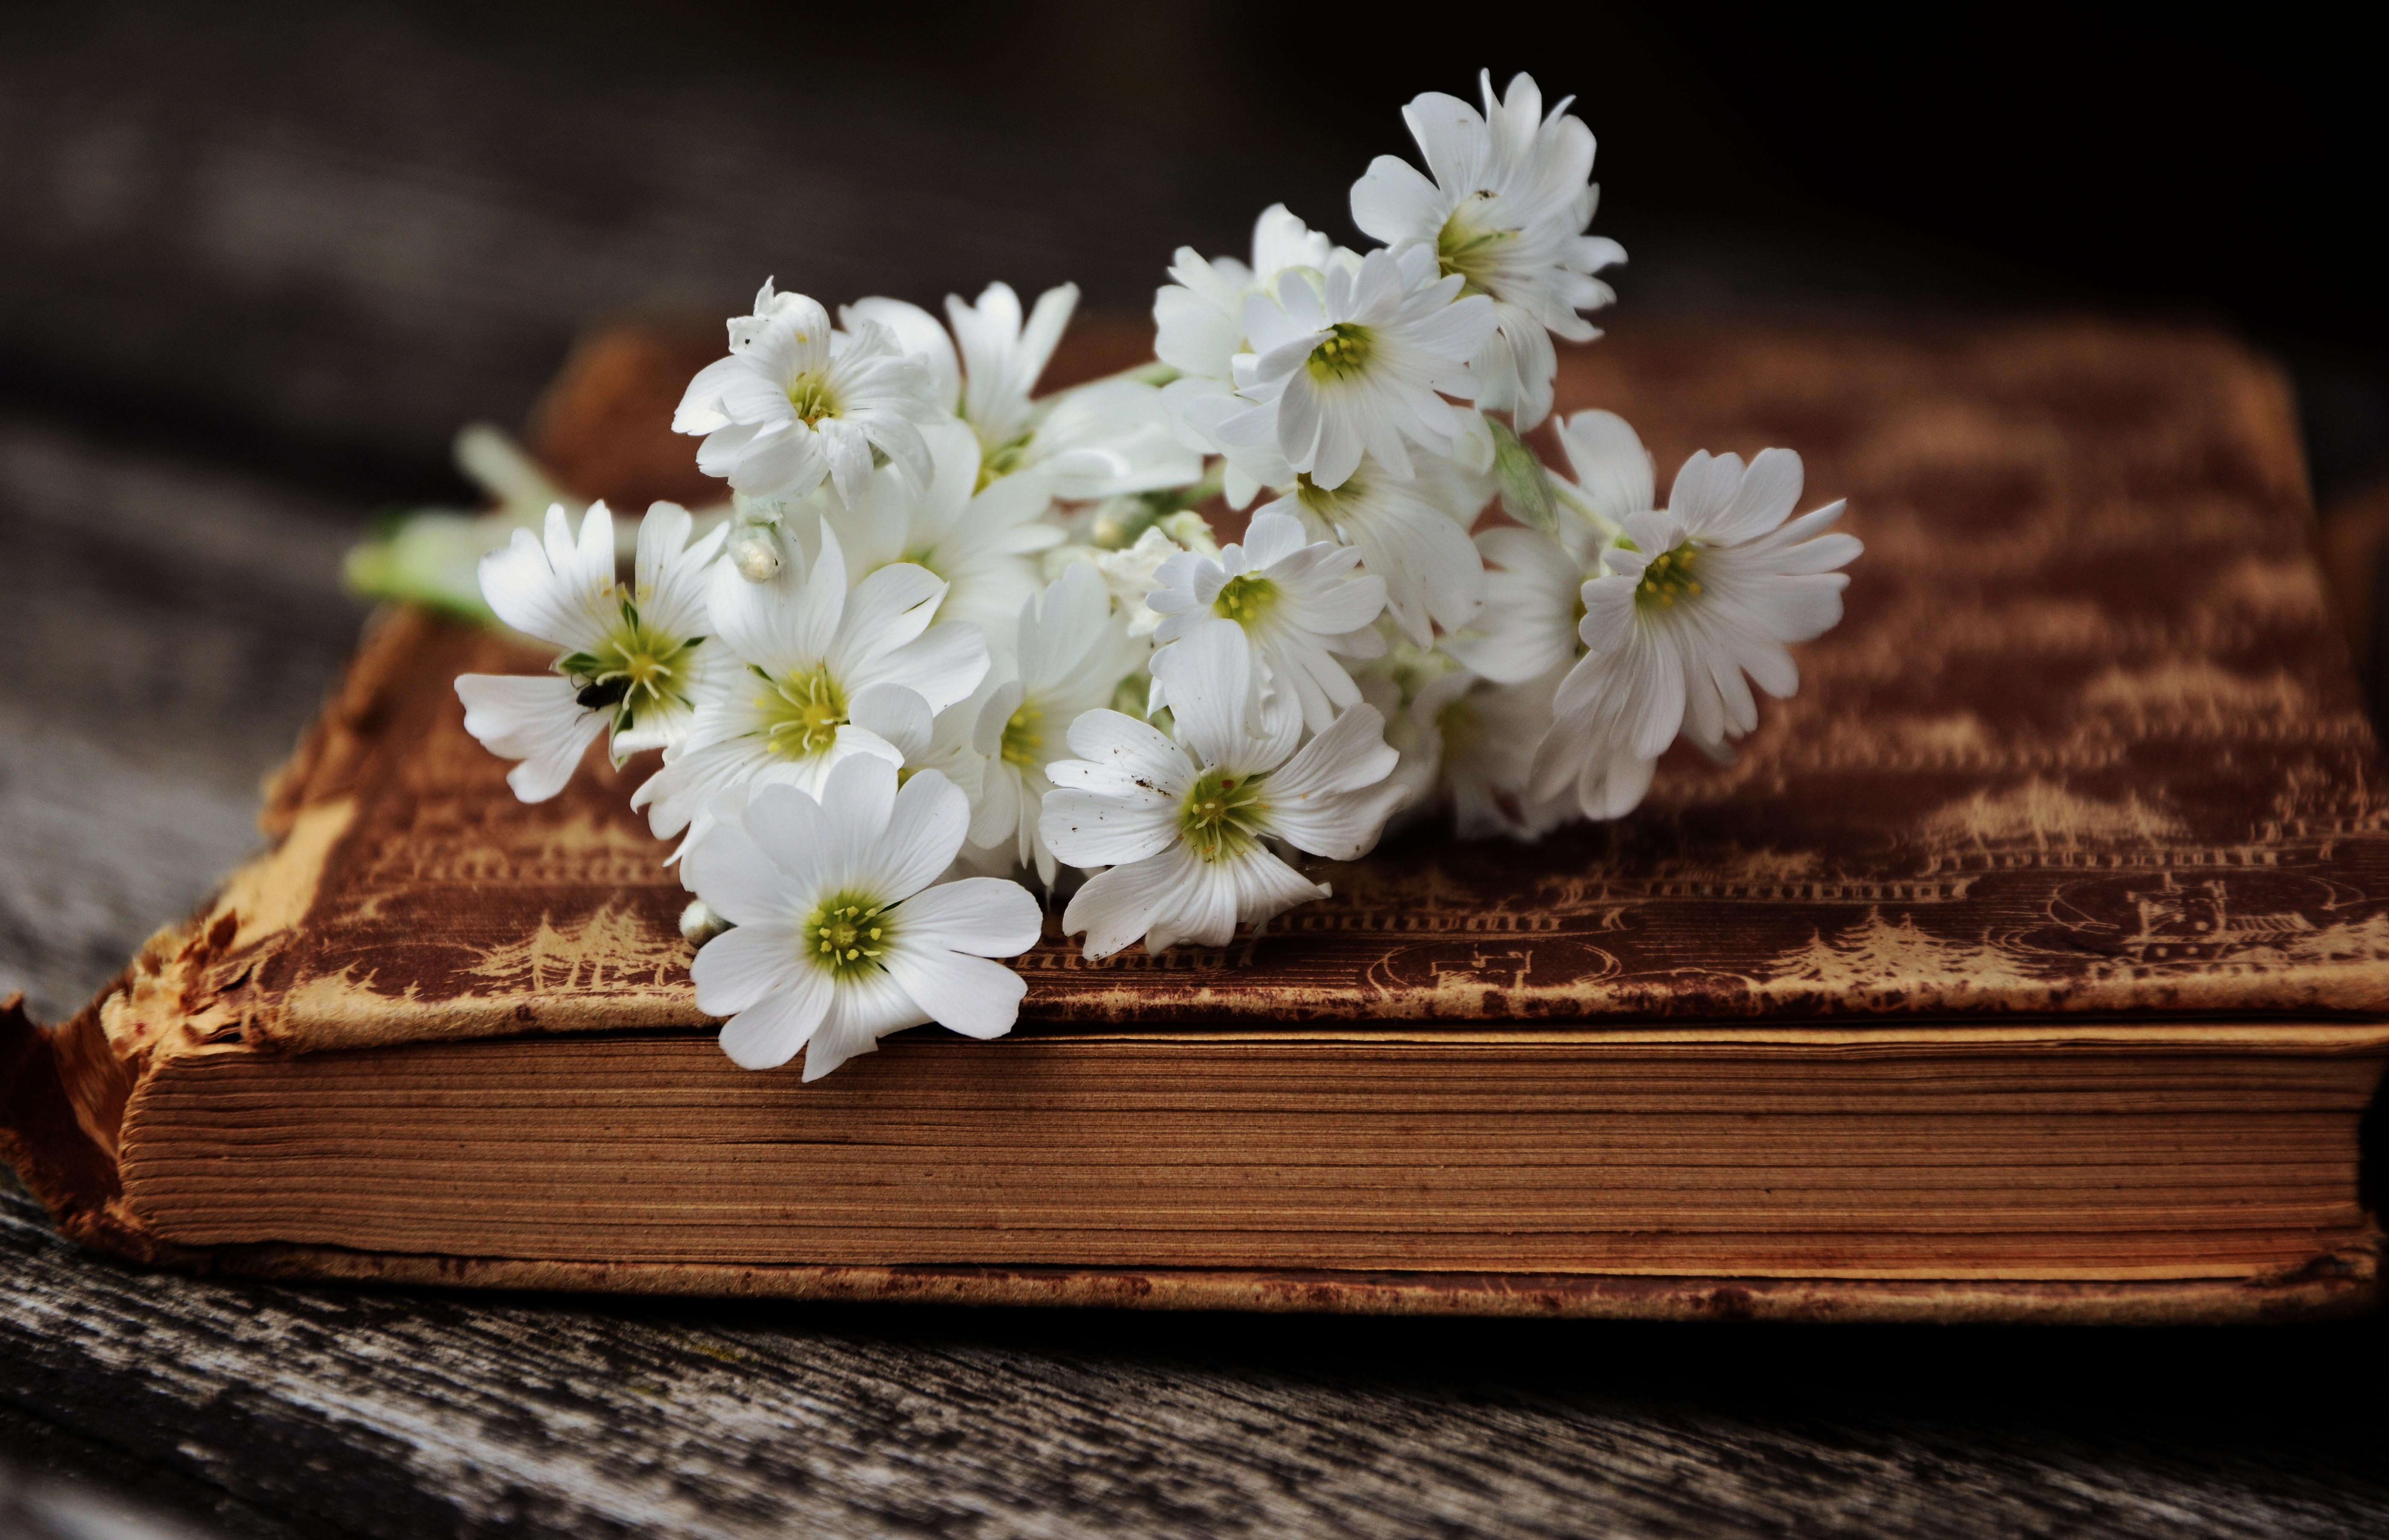 72141 скачать обои Цветы, Книга, Старинный - заставки и картинки бесплатно